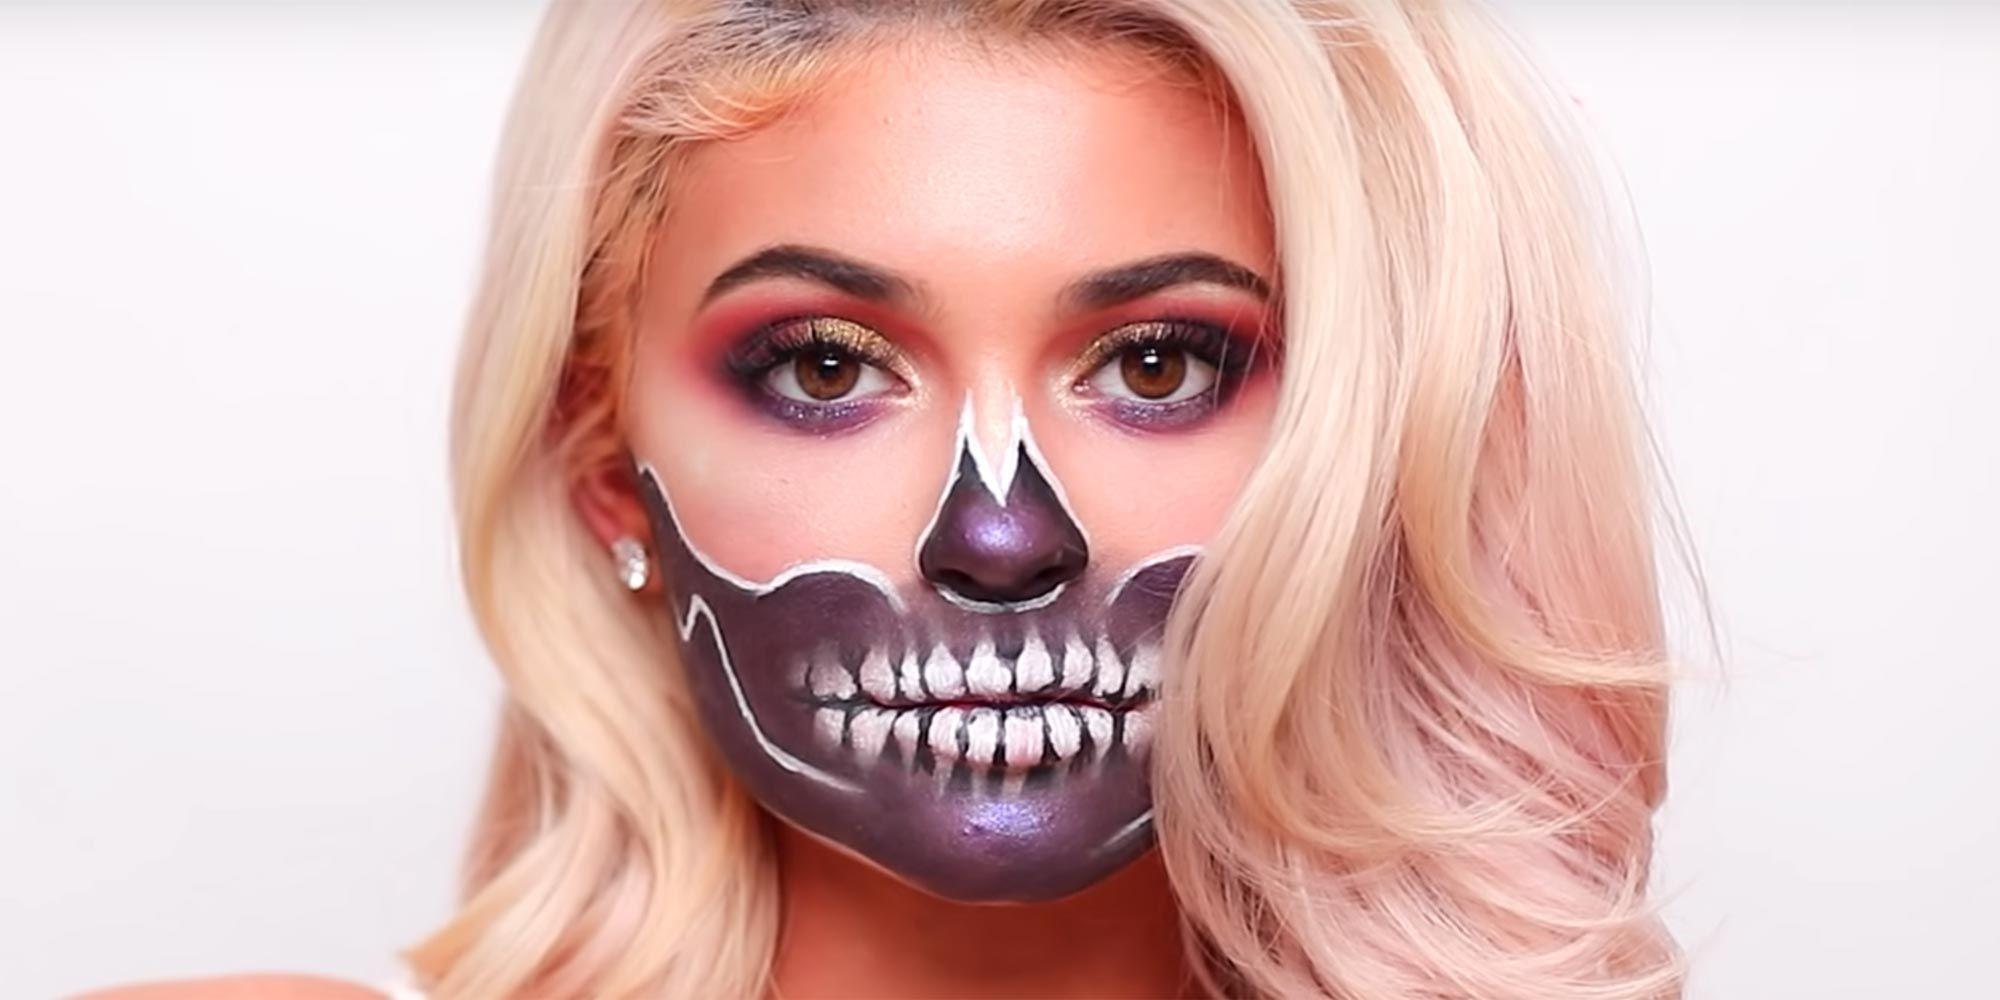 Suivez les courbes de vos orbites et balayez la peinture blanche pour le visage vers la moitié inférieure de votre visage (lèvres incluses).